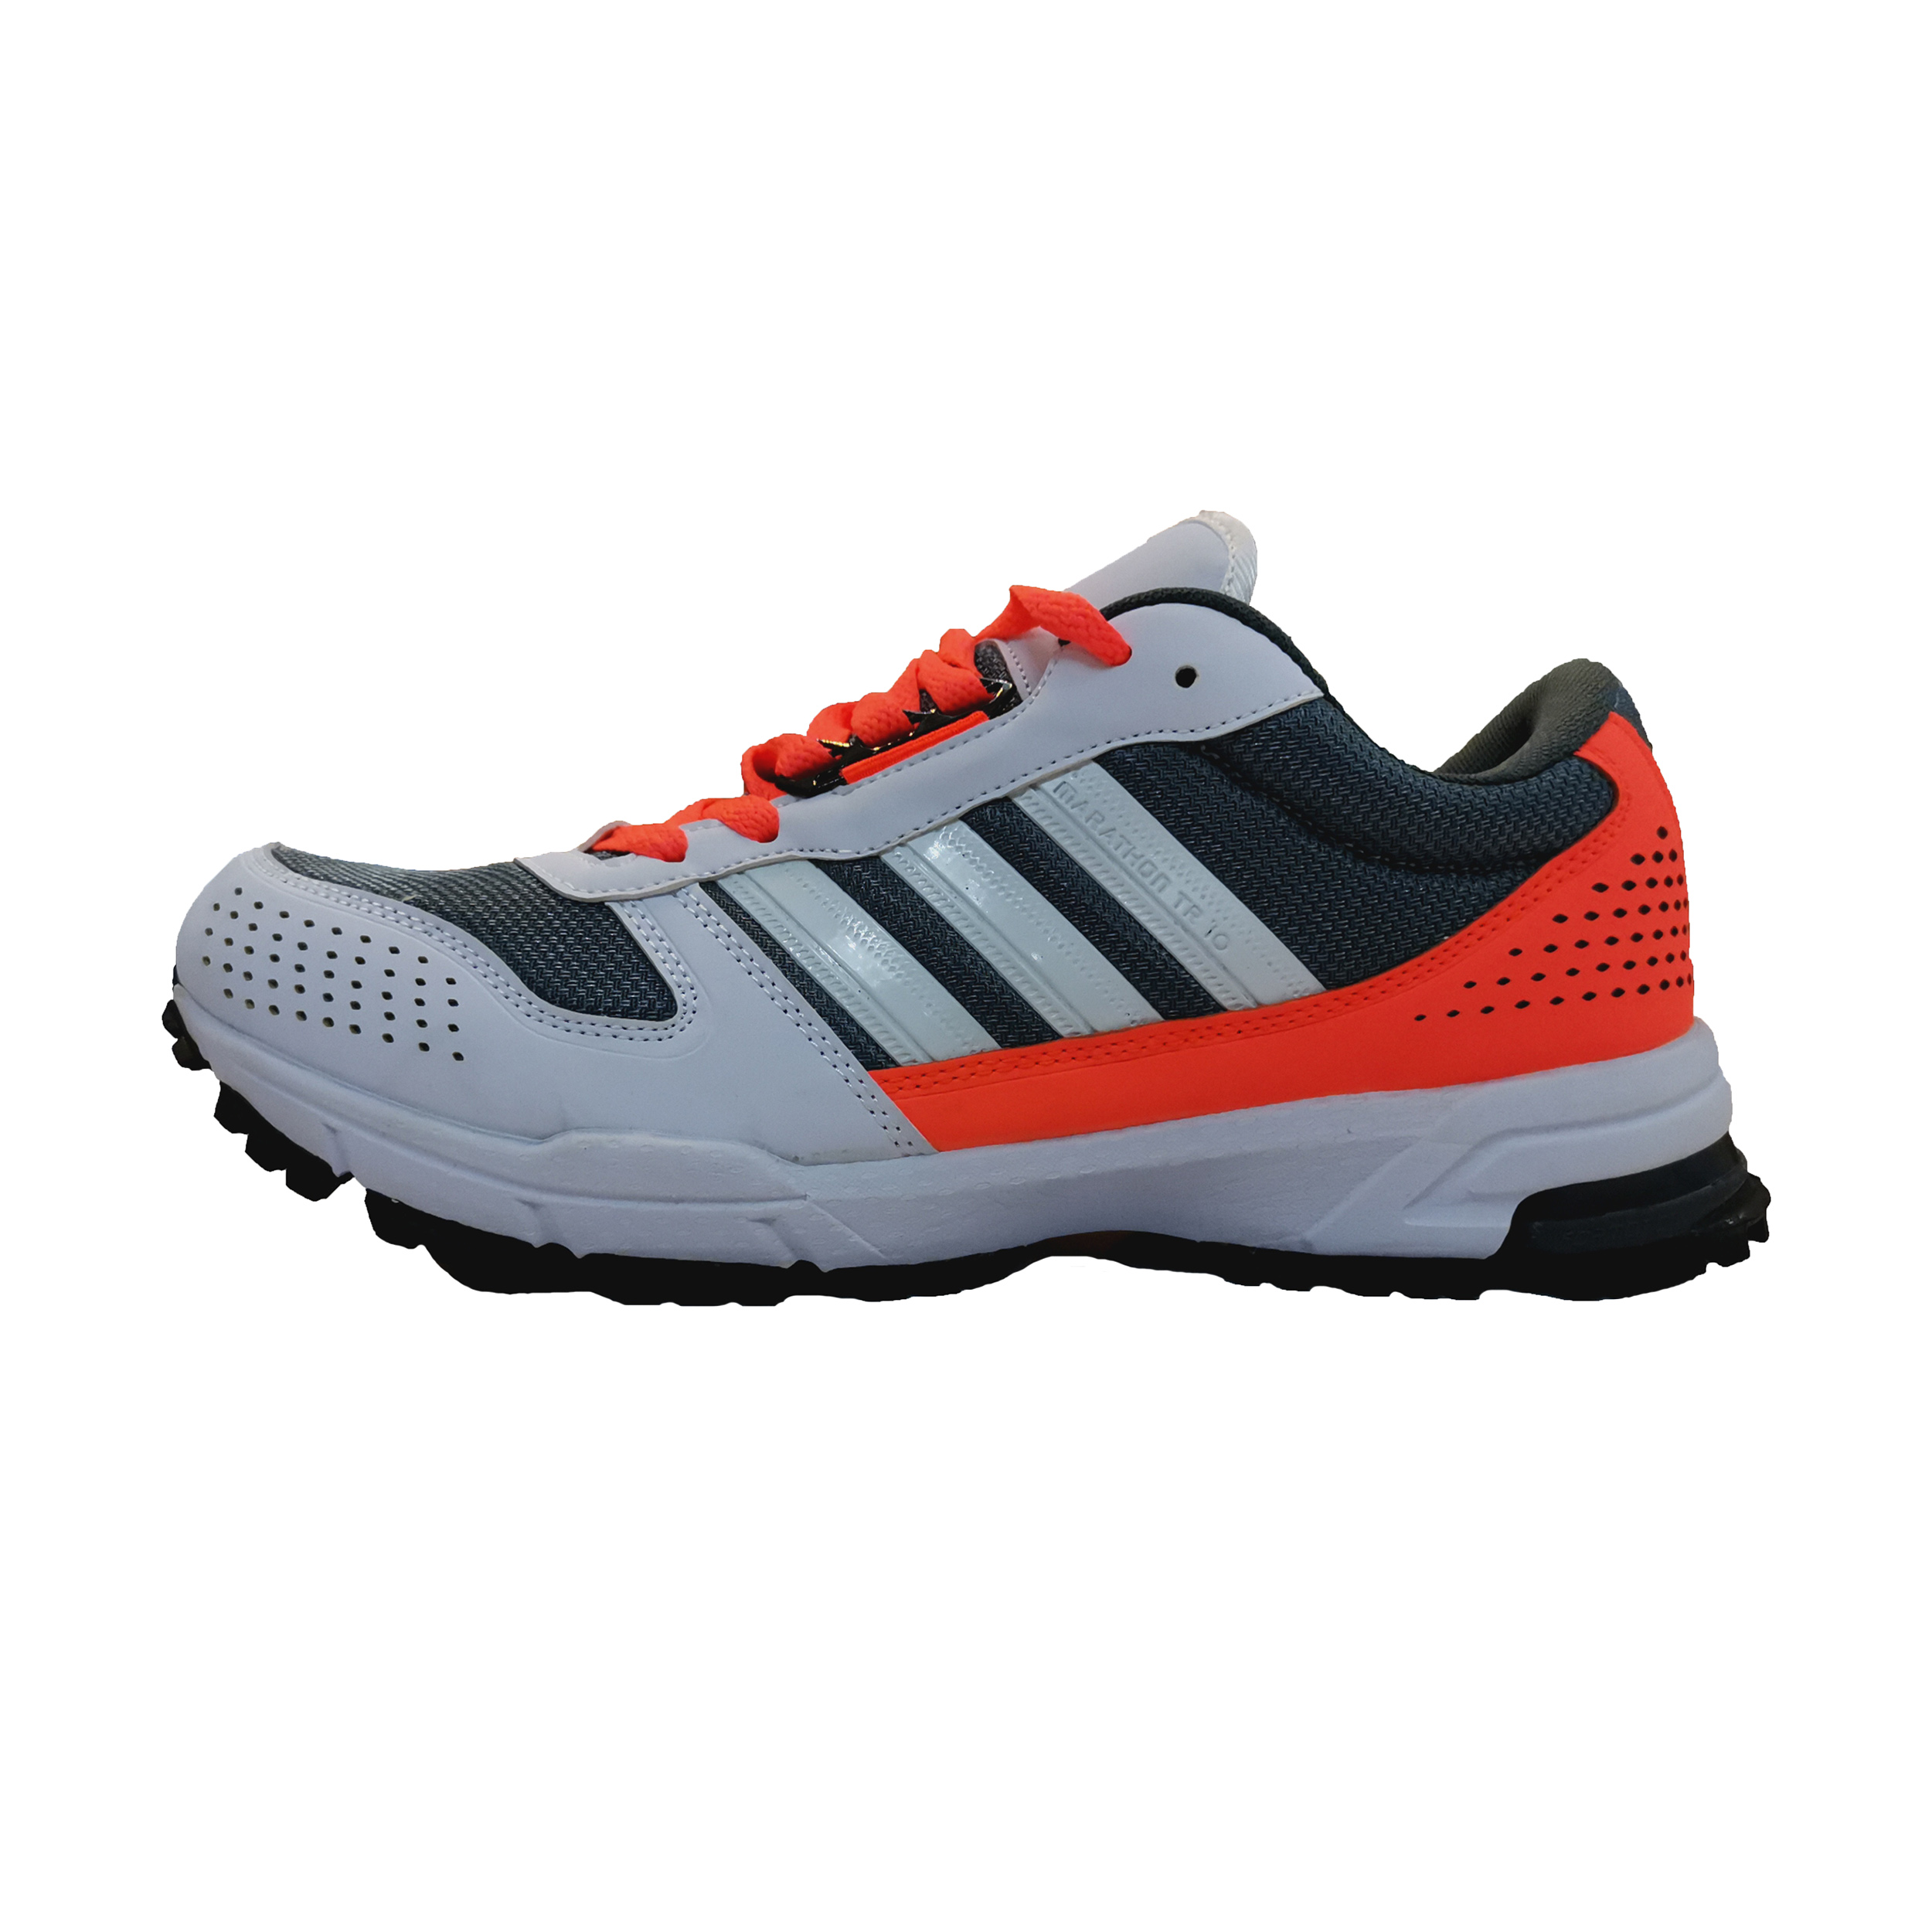 کفش مخصوص دویدن آدیداس مدل marathon کد G96900